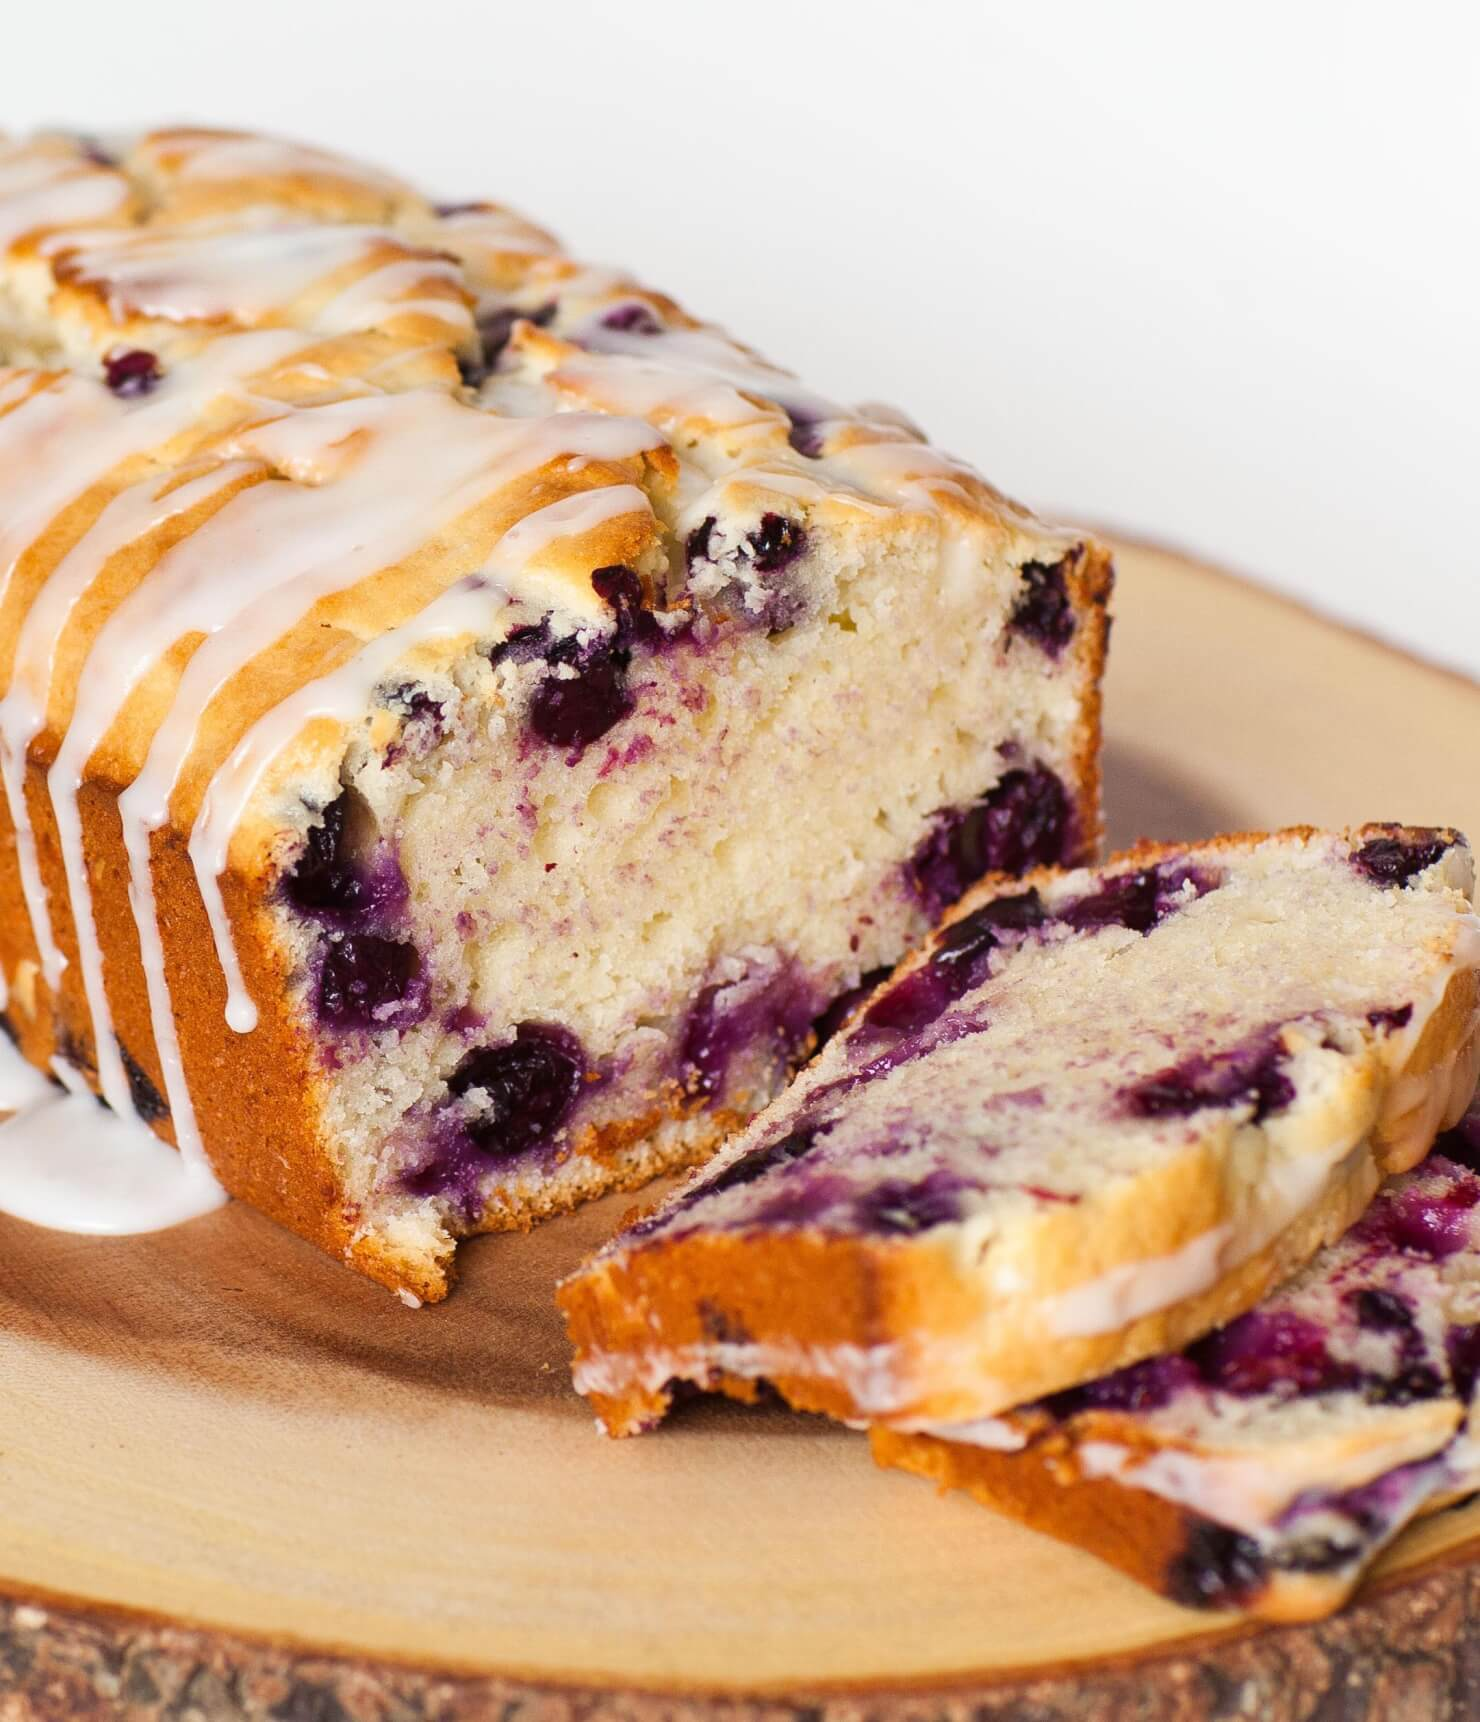 blueberry lemon loaf with glaze